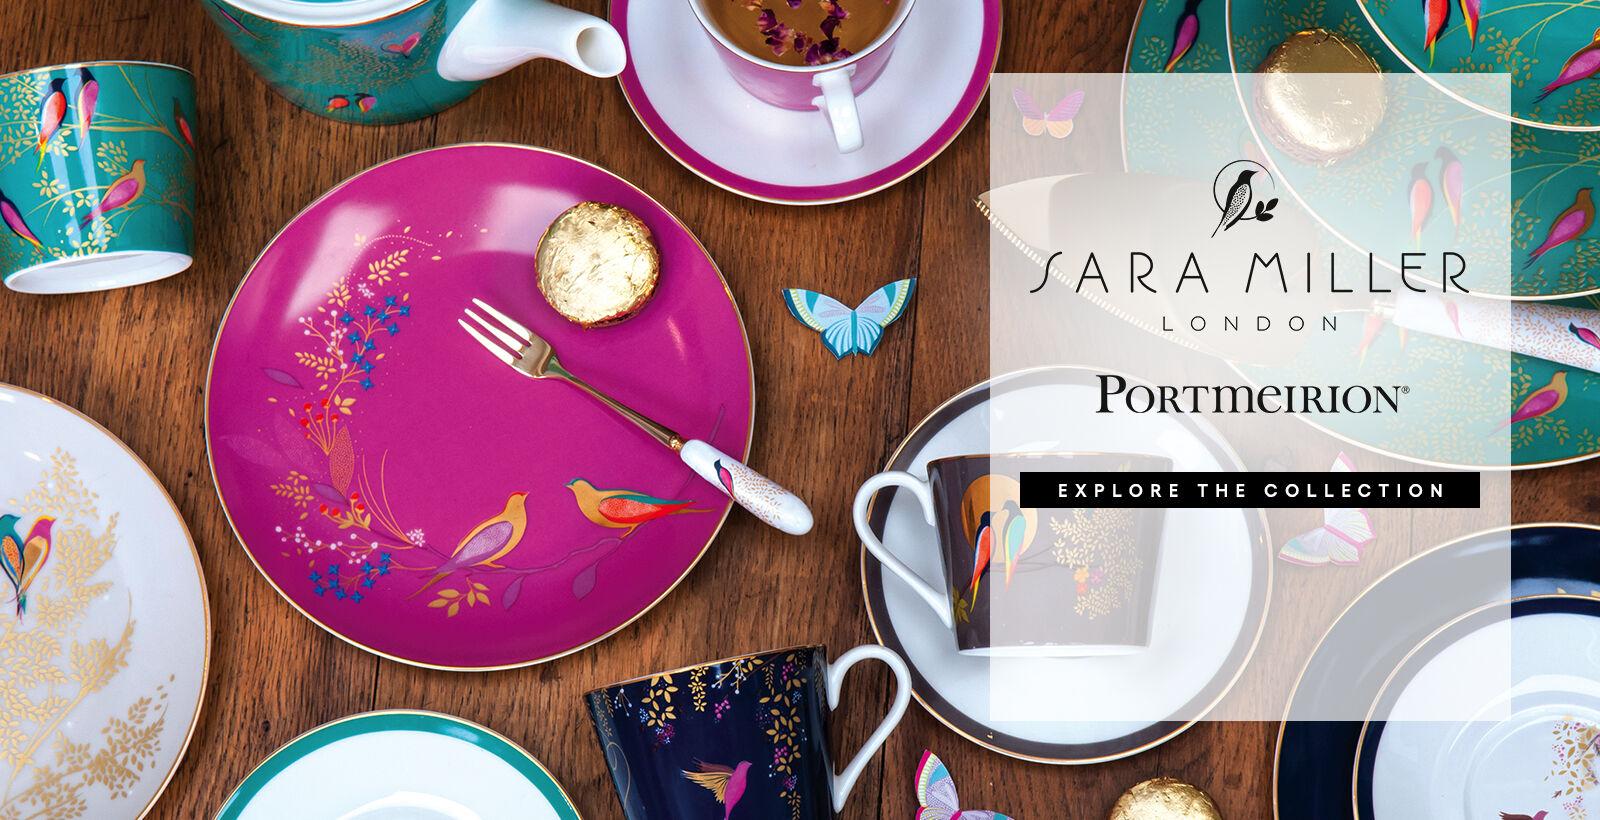 Sara Miller for Portmeirion Collection